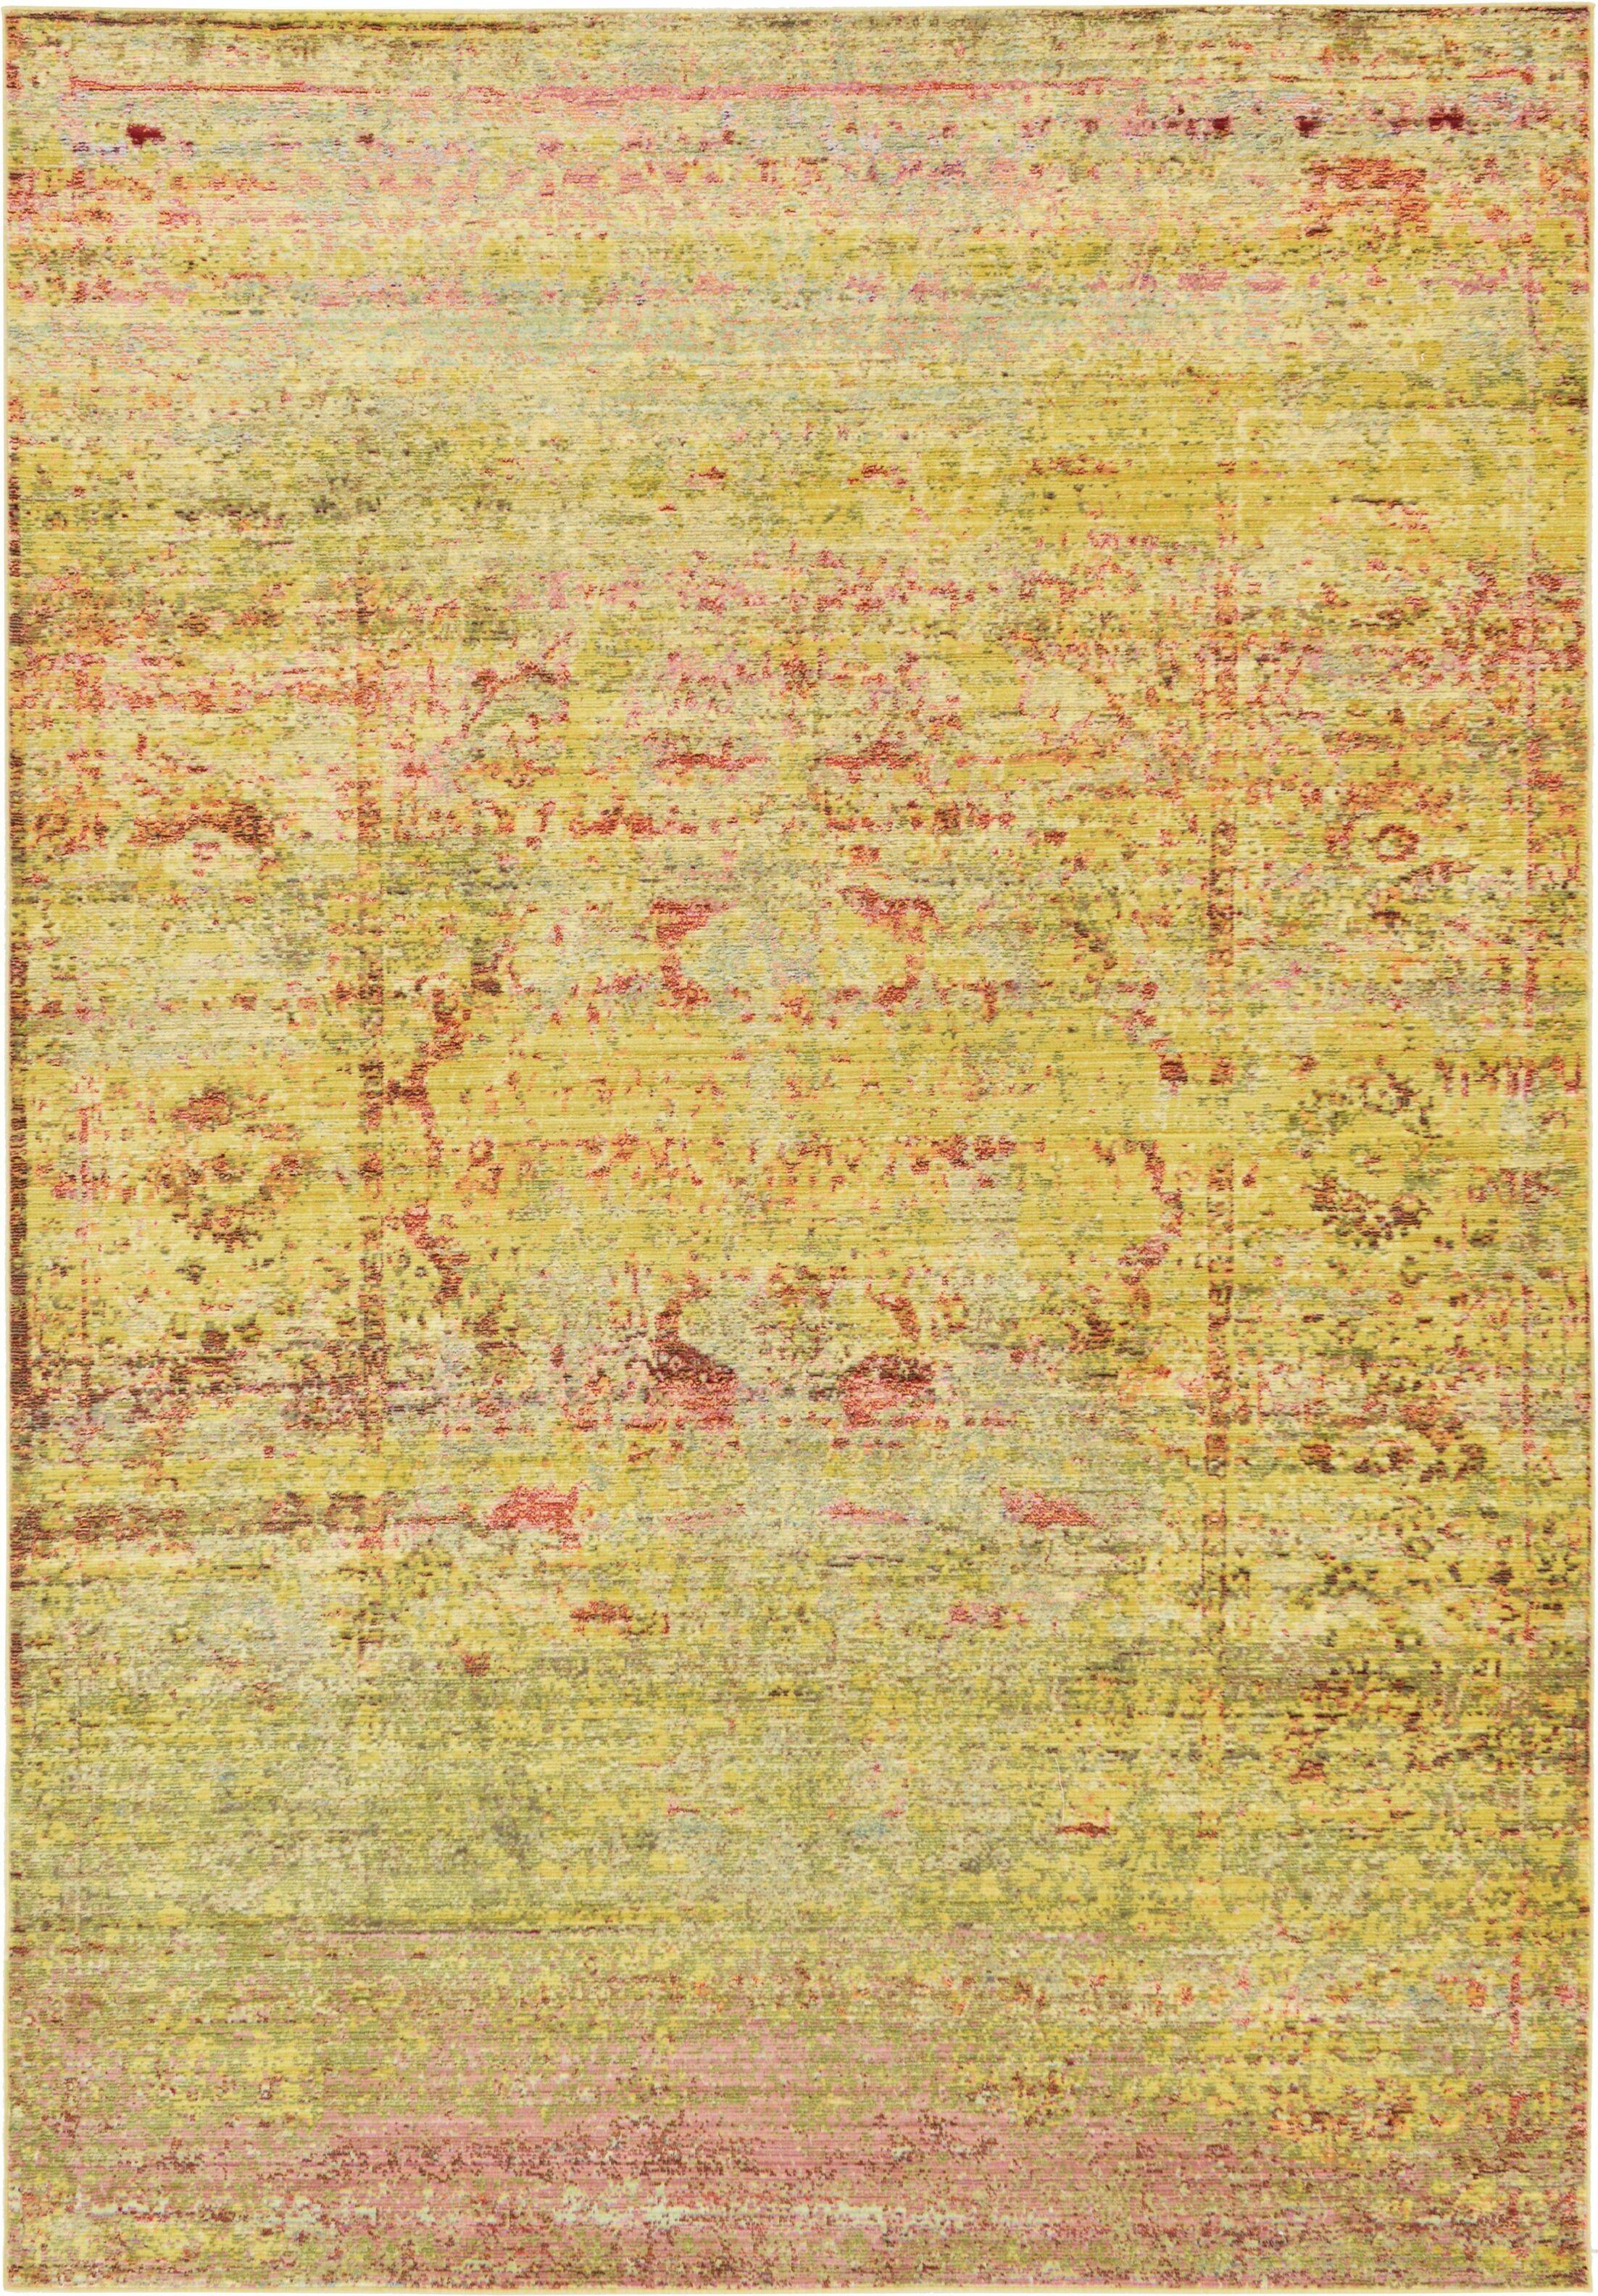 Danbury Yellow Area Rug Rug Size: Rectangle 6' x 9'